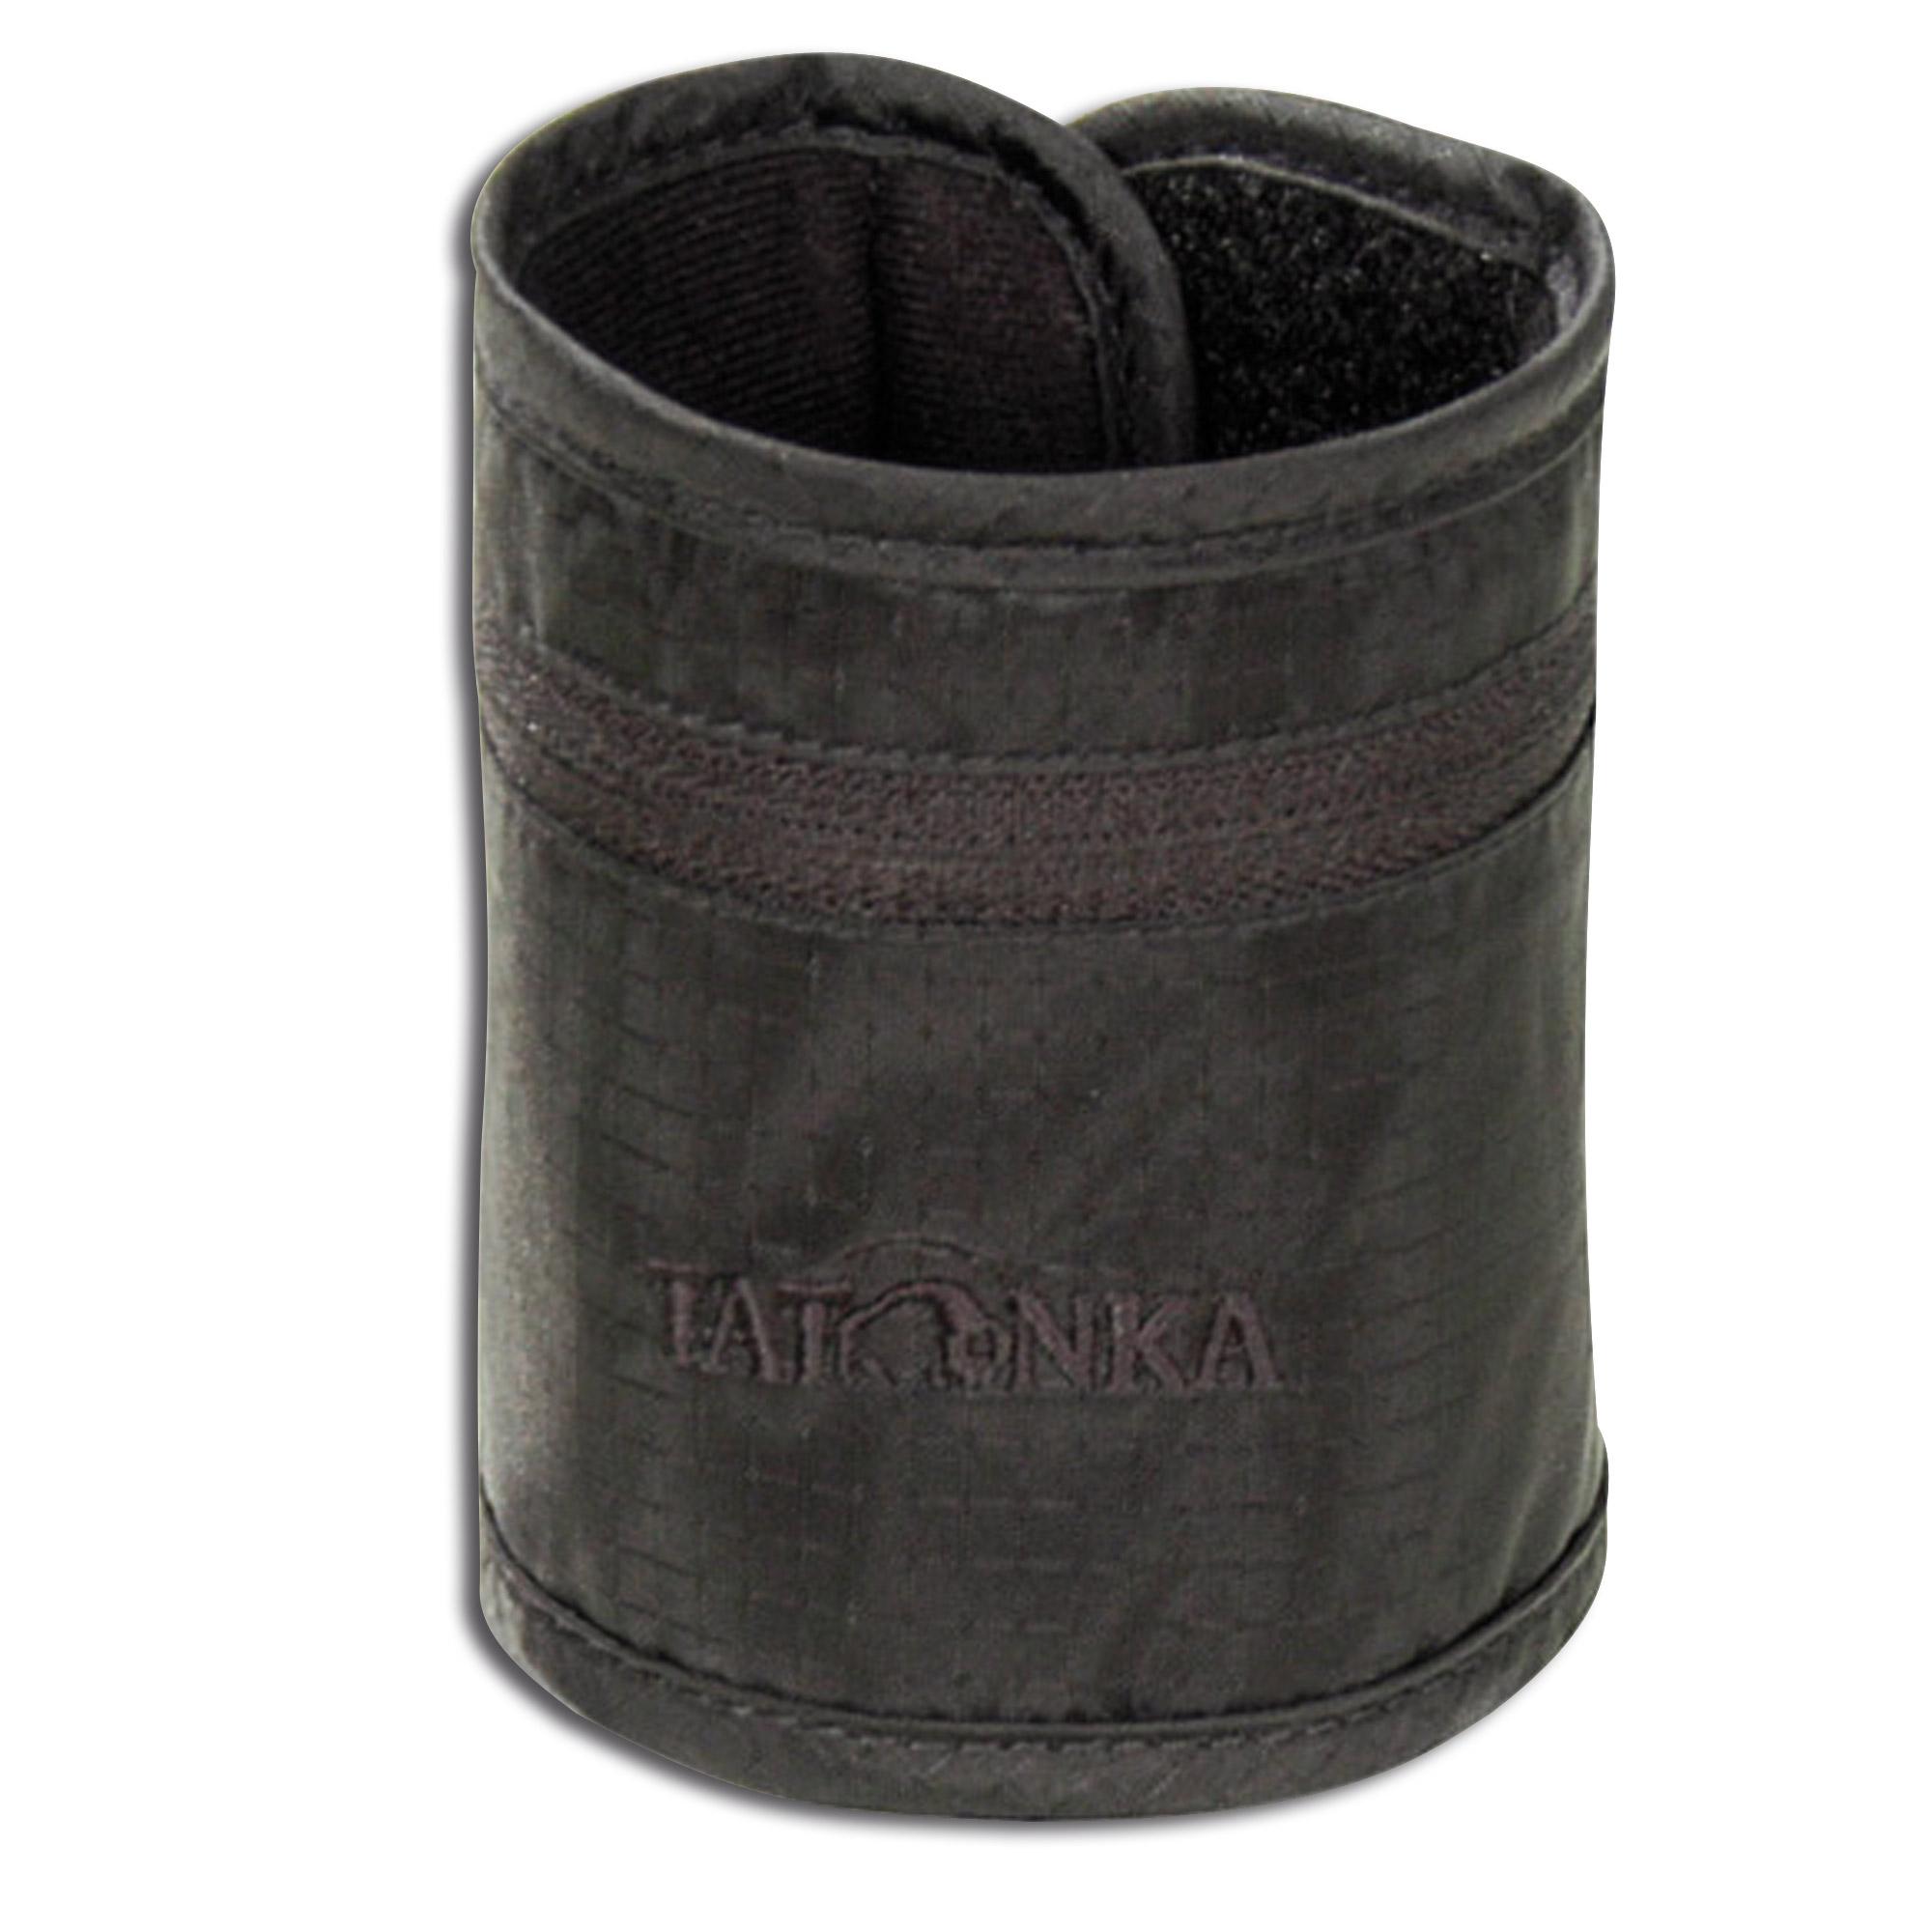 Skin Wrist Wallet Tatonka schwarz